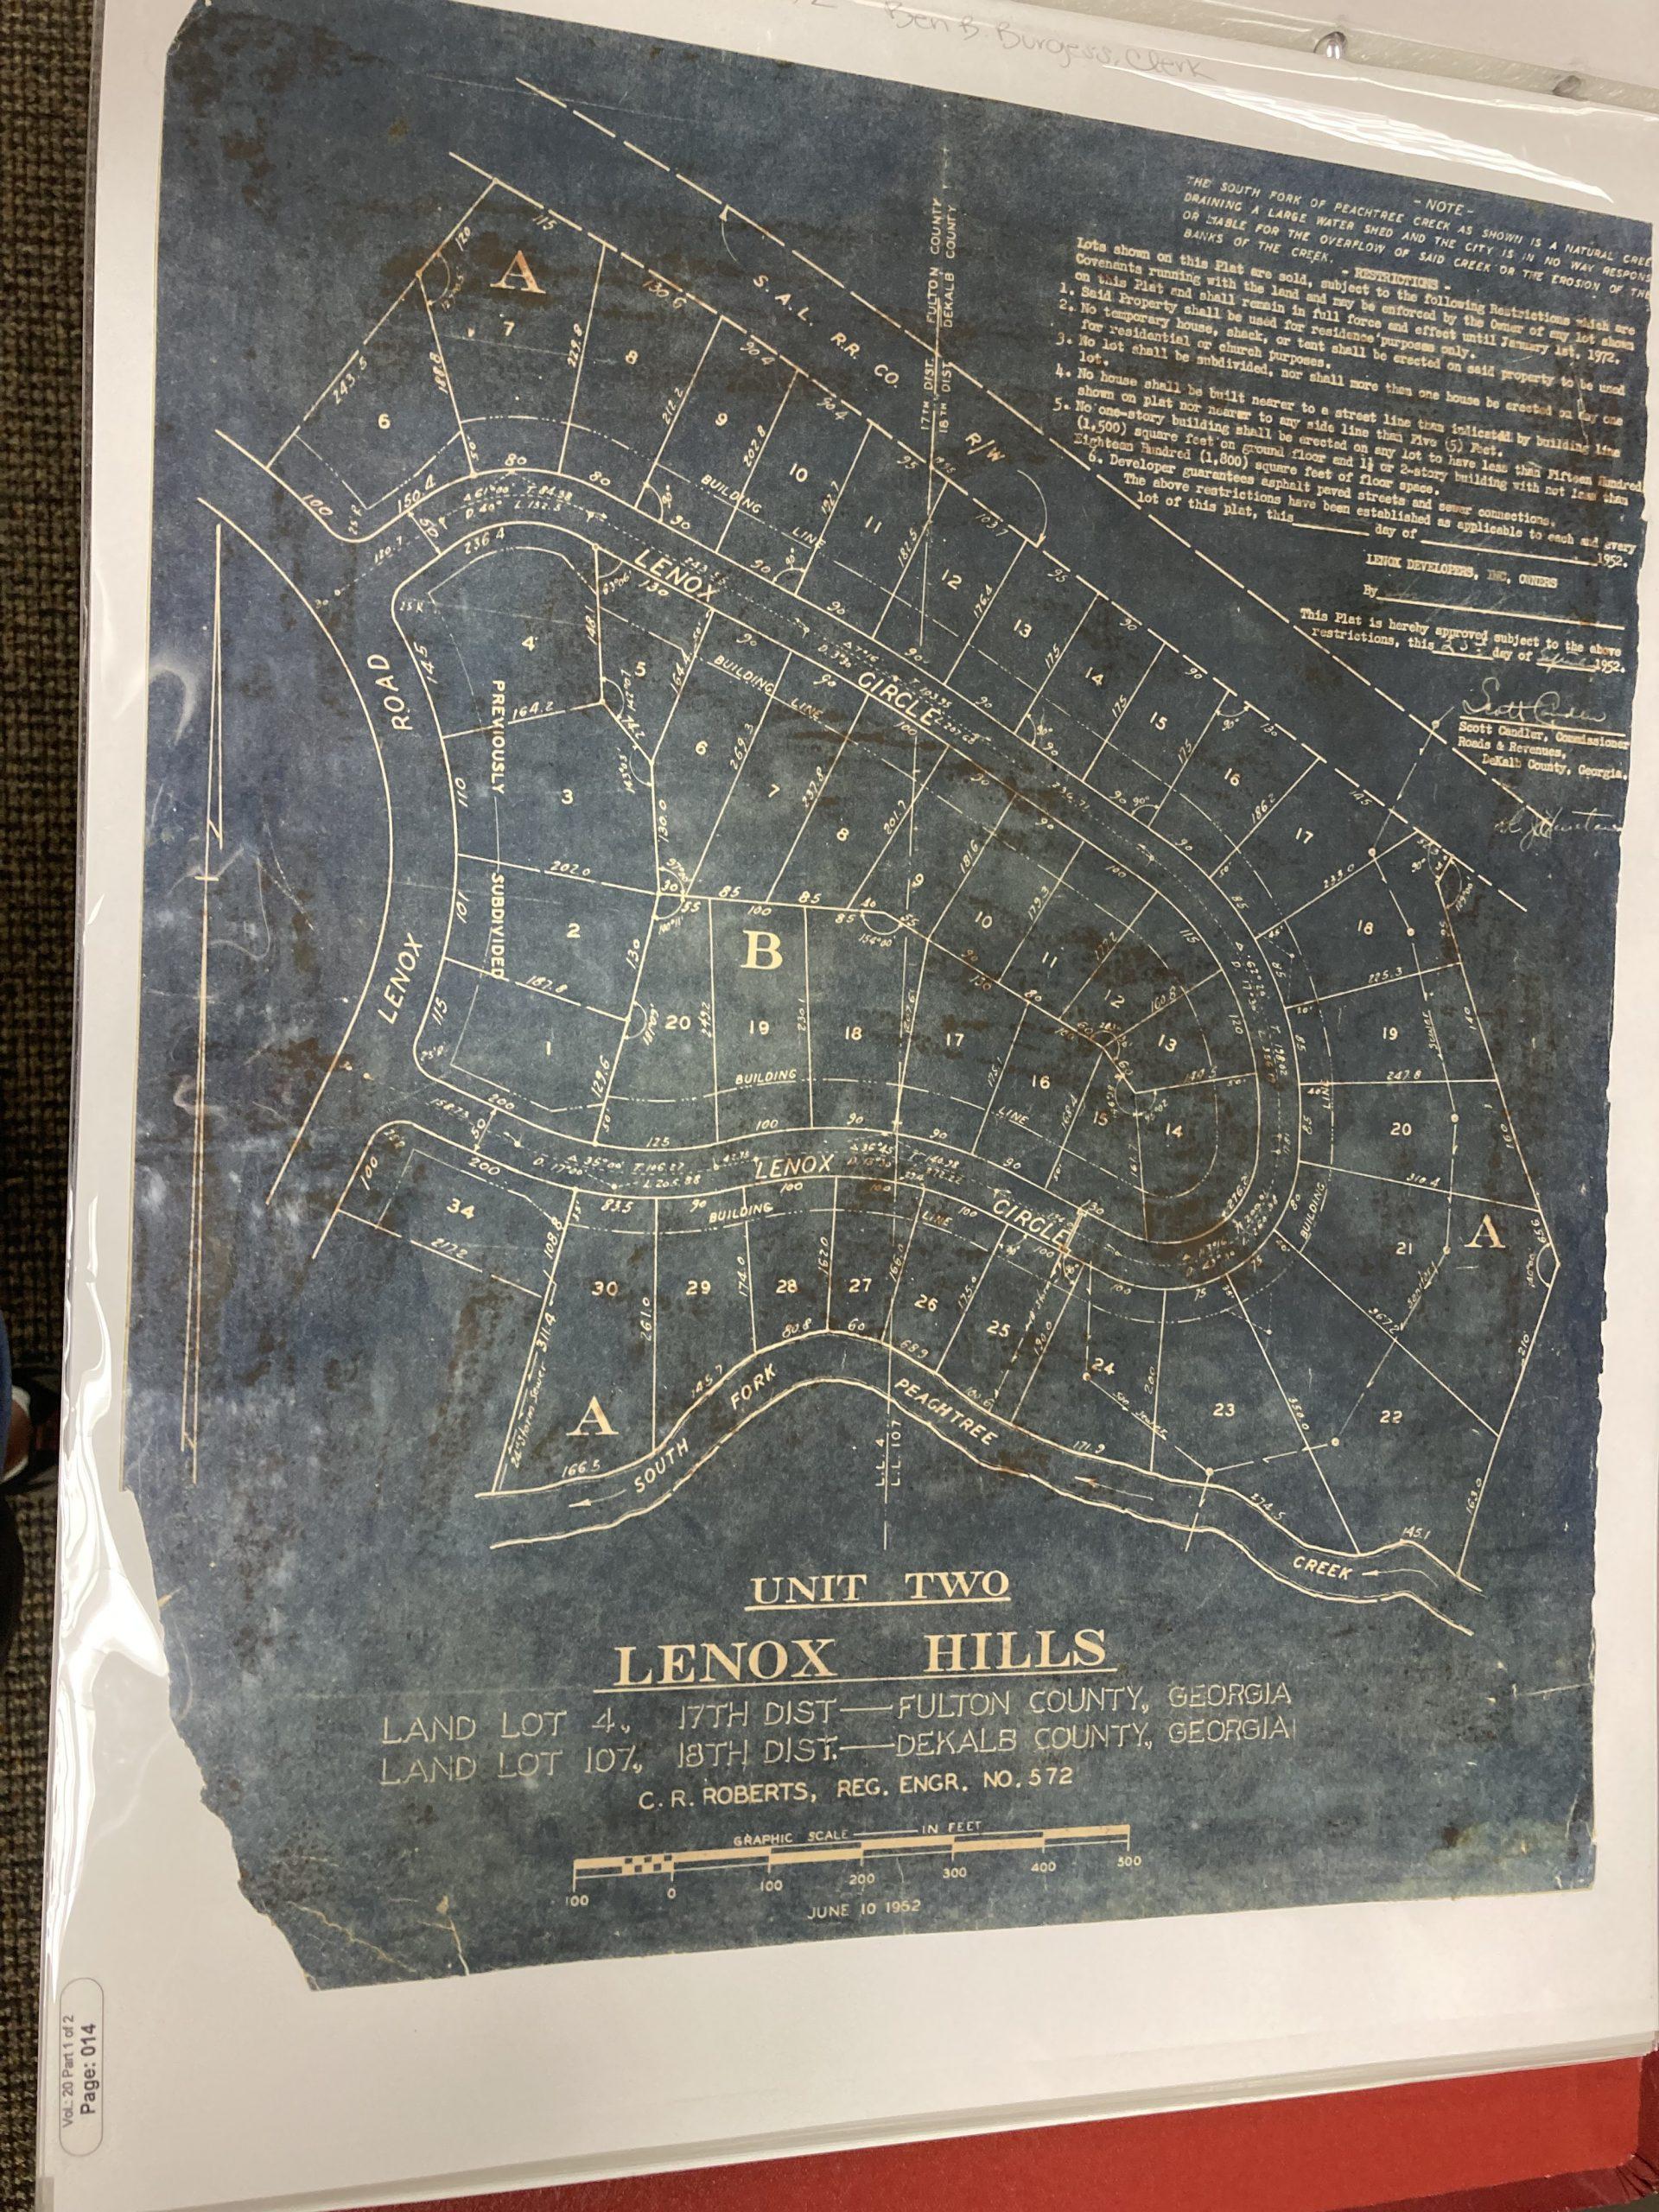 Lenox Hills Unit 2